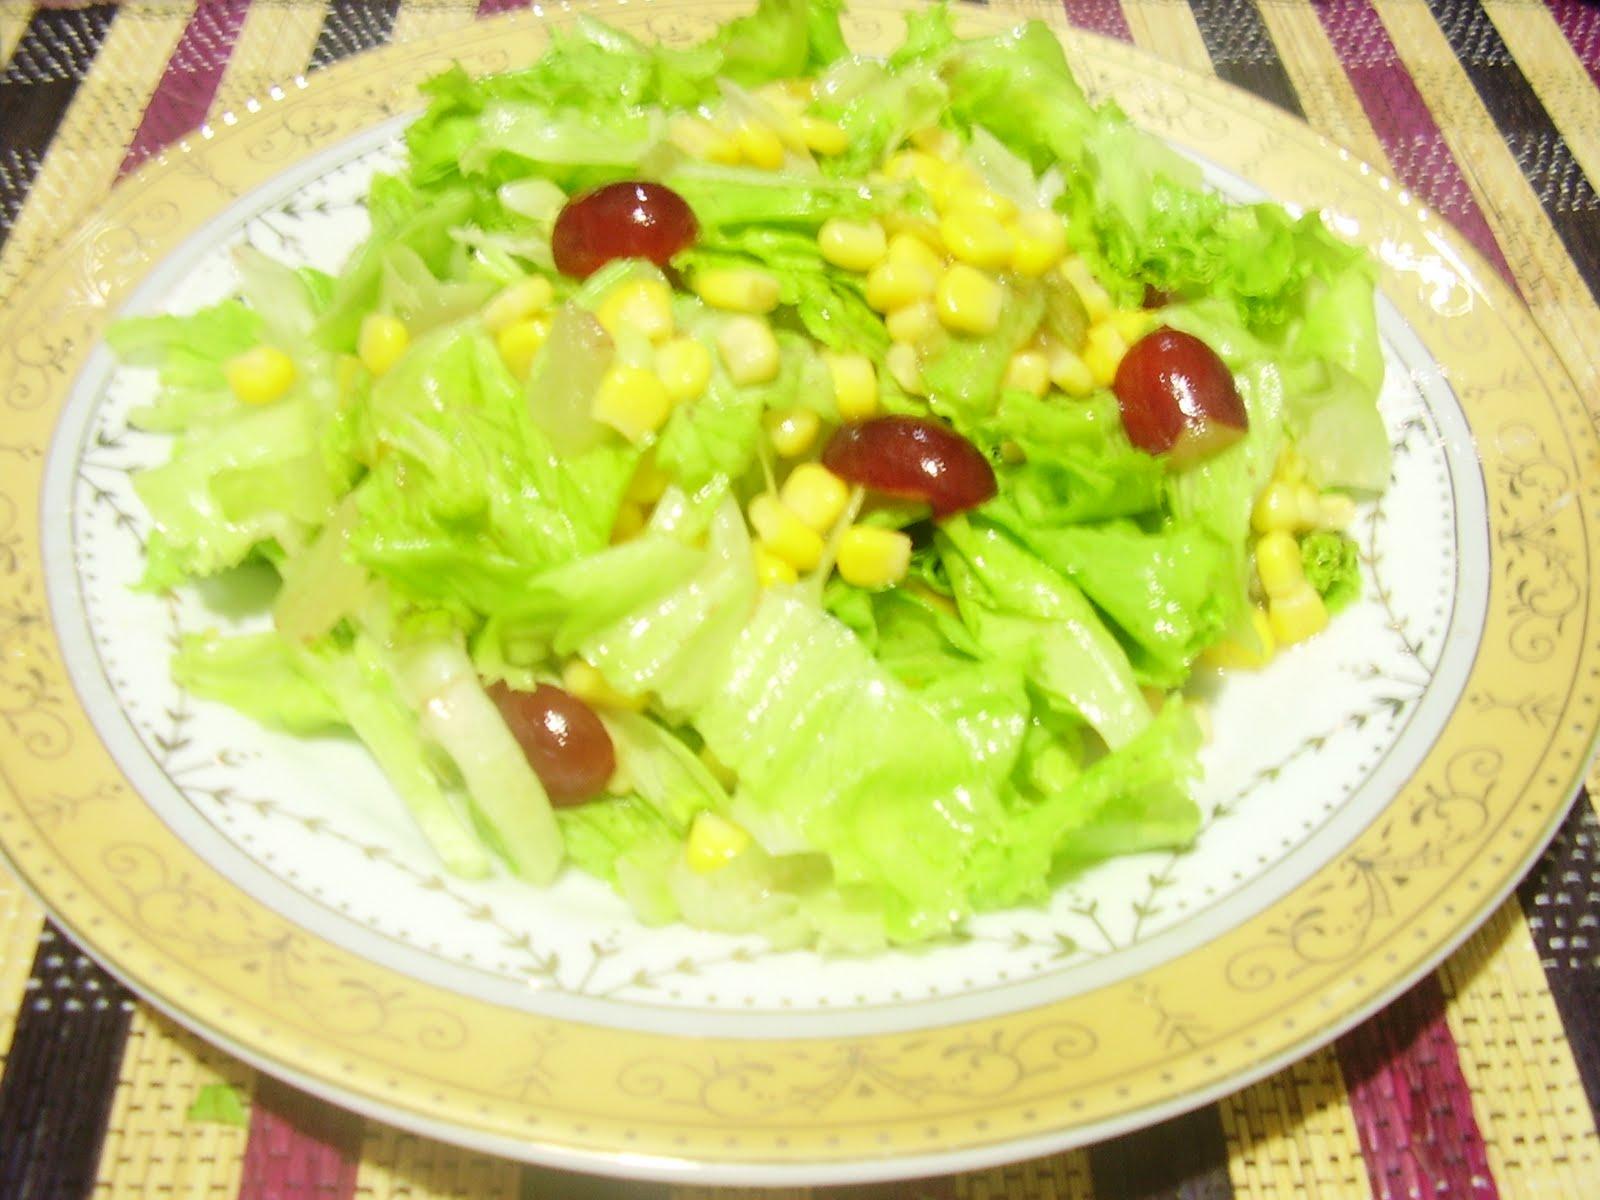 Resep Masakan Keluarga Susono: SALAD SAUS JERUK